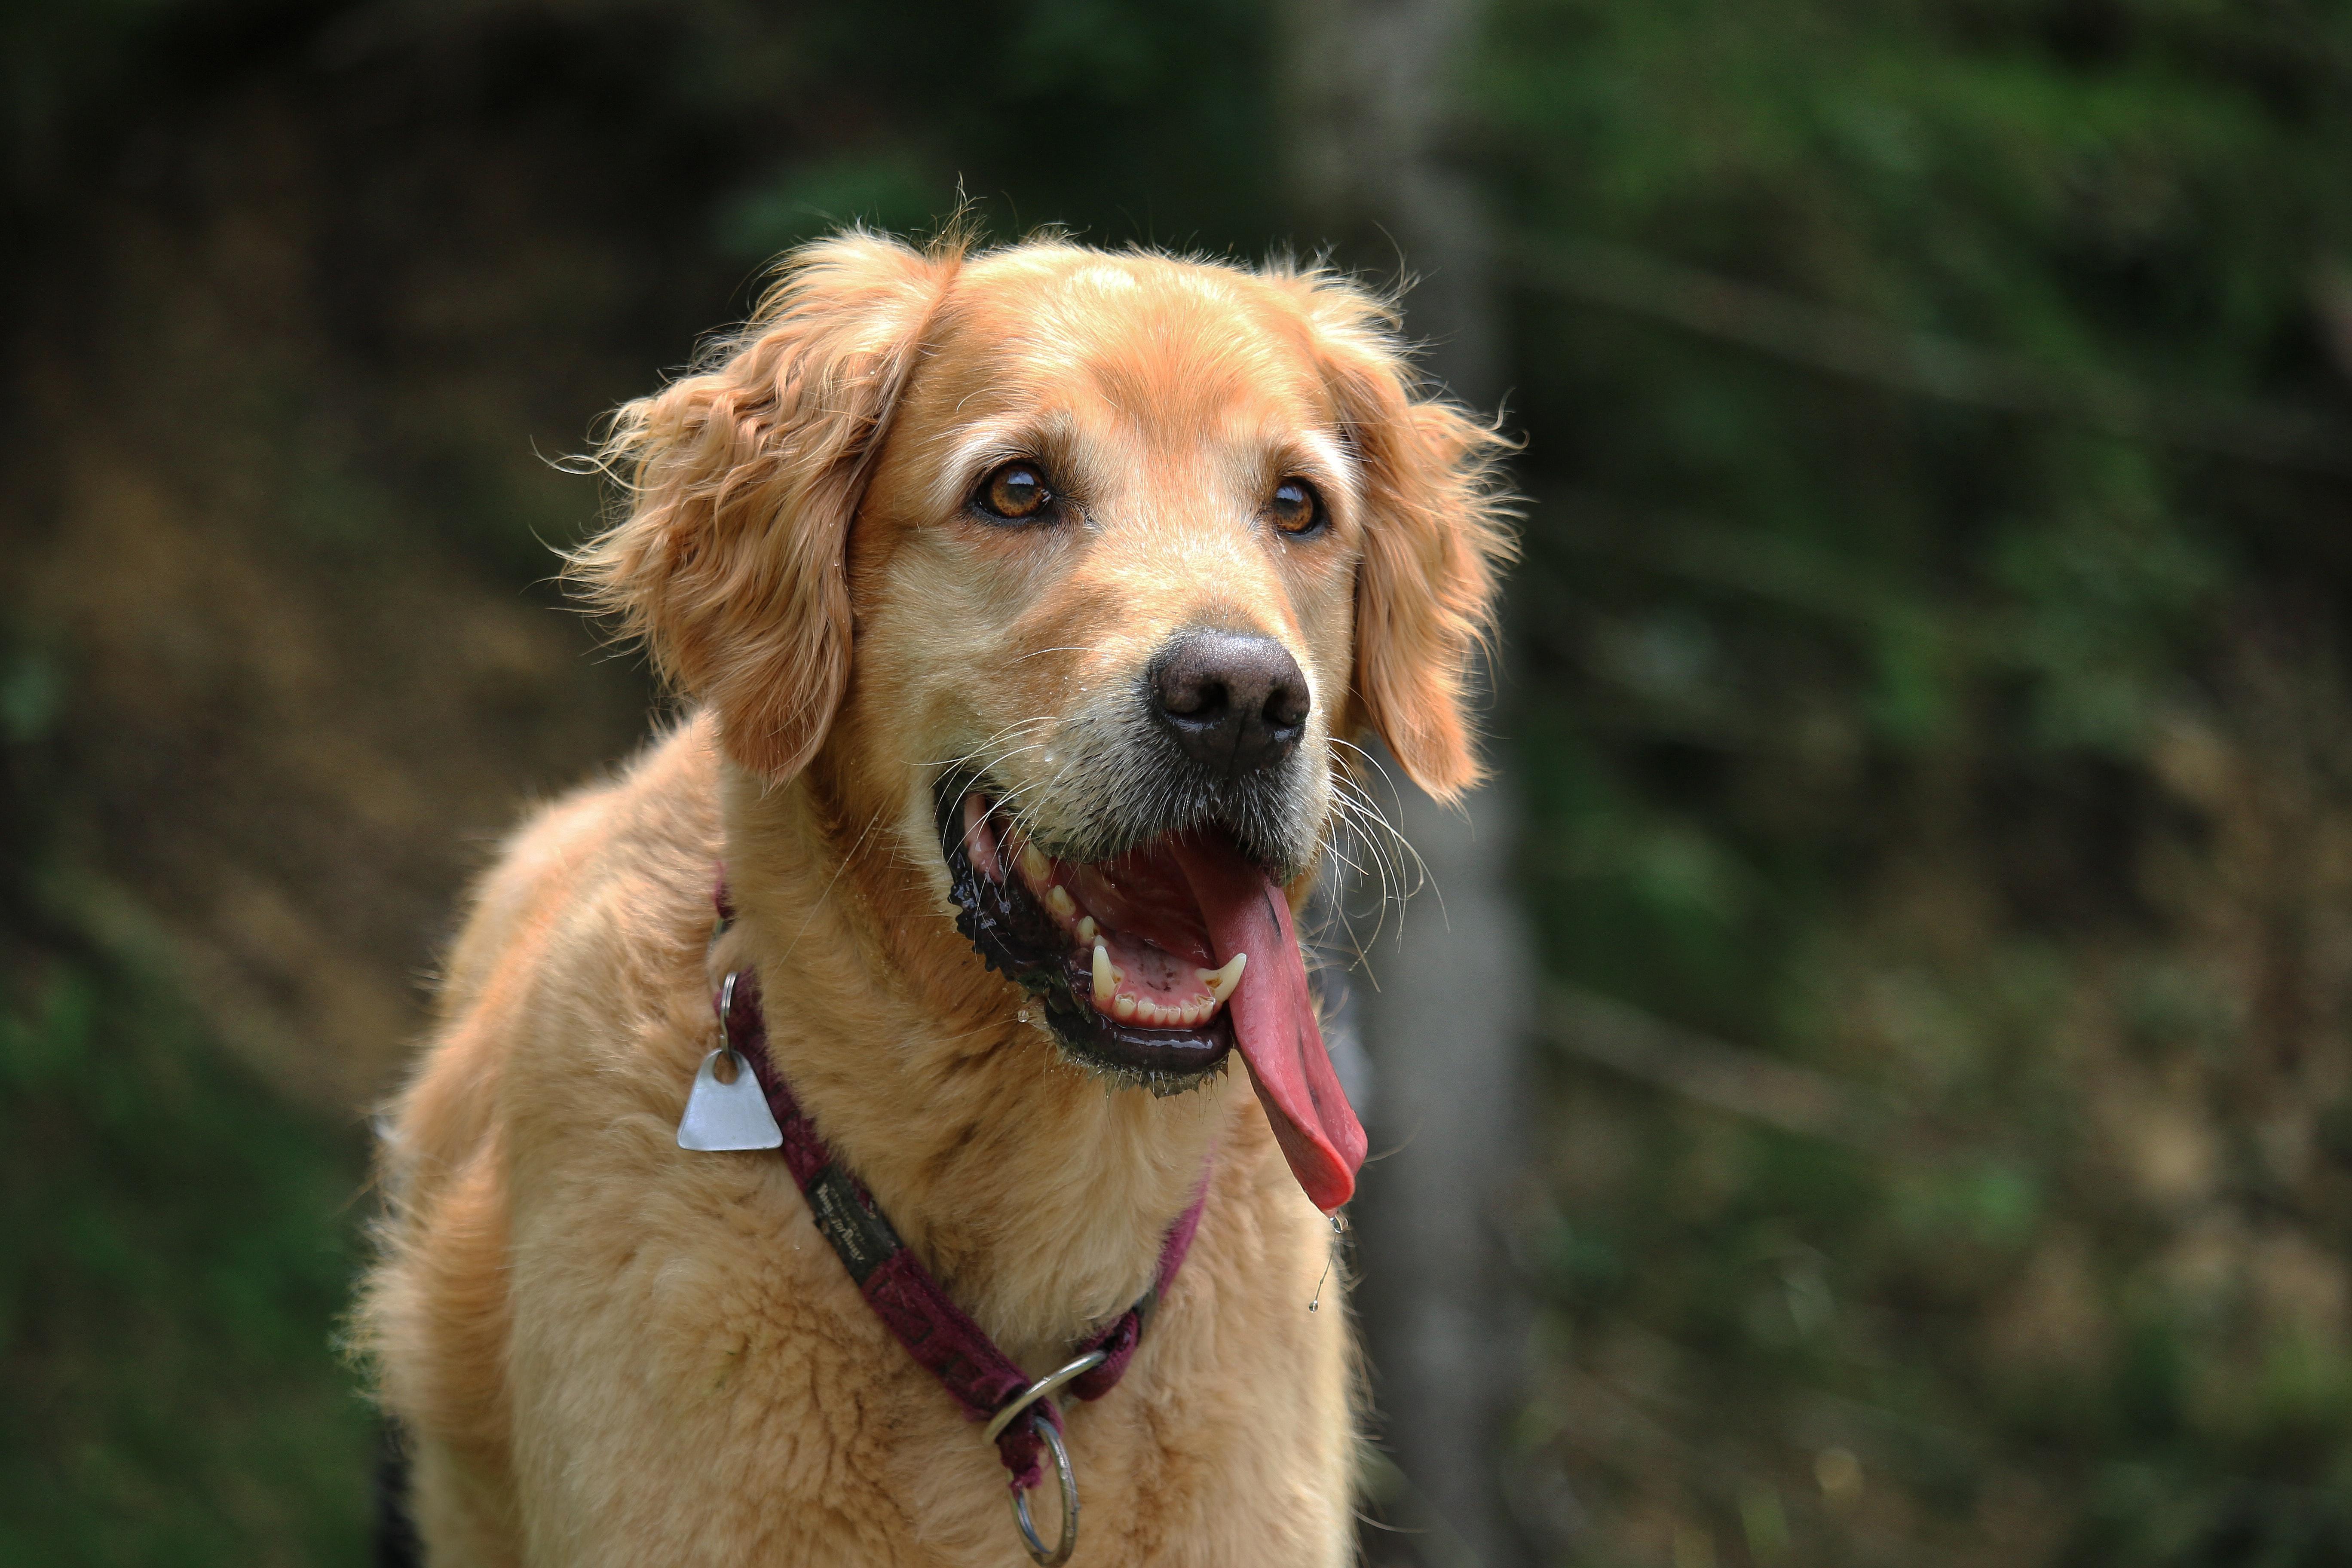 Mein Hund hechelt - Woran kann das liegen